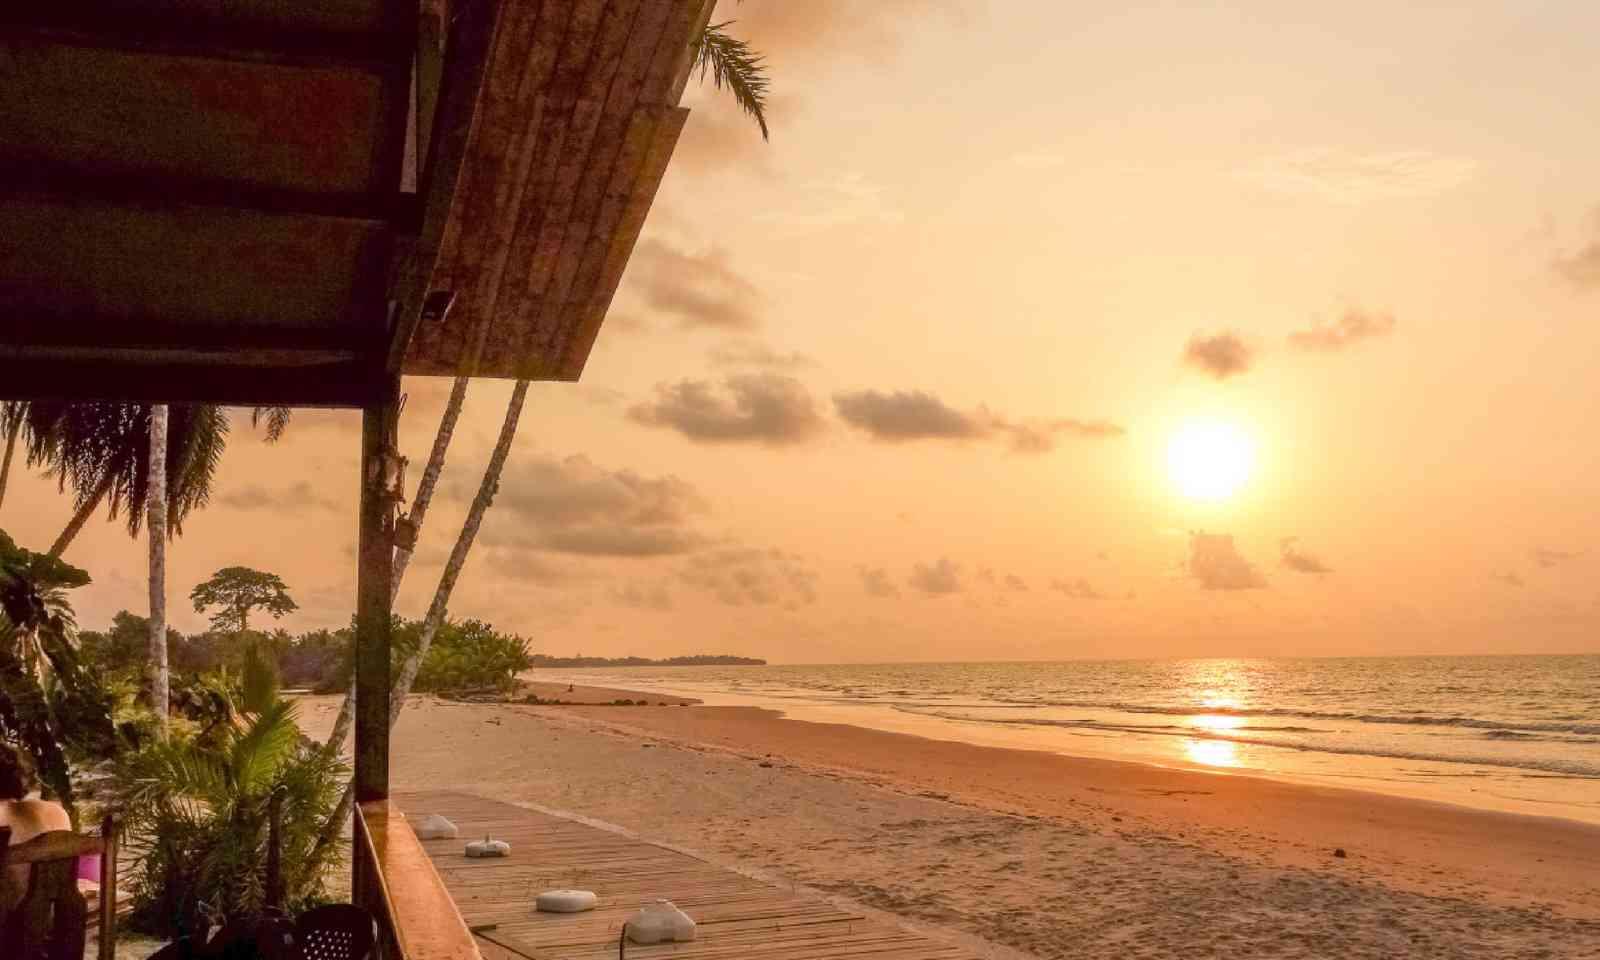 Sunset at Bome beach in Bata in Equatorial Guinea (Shutterstock)